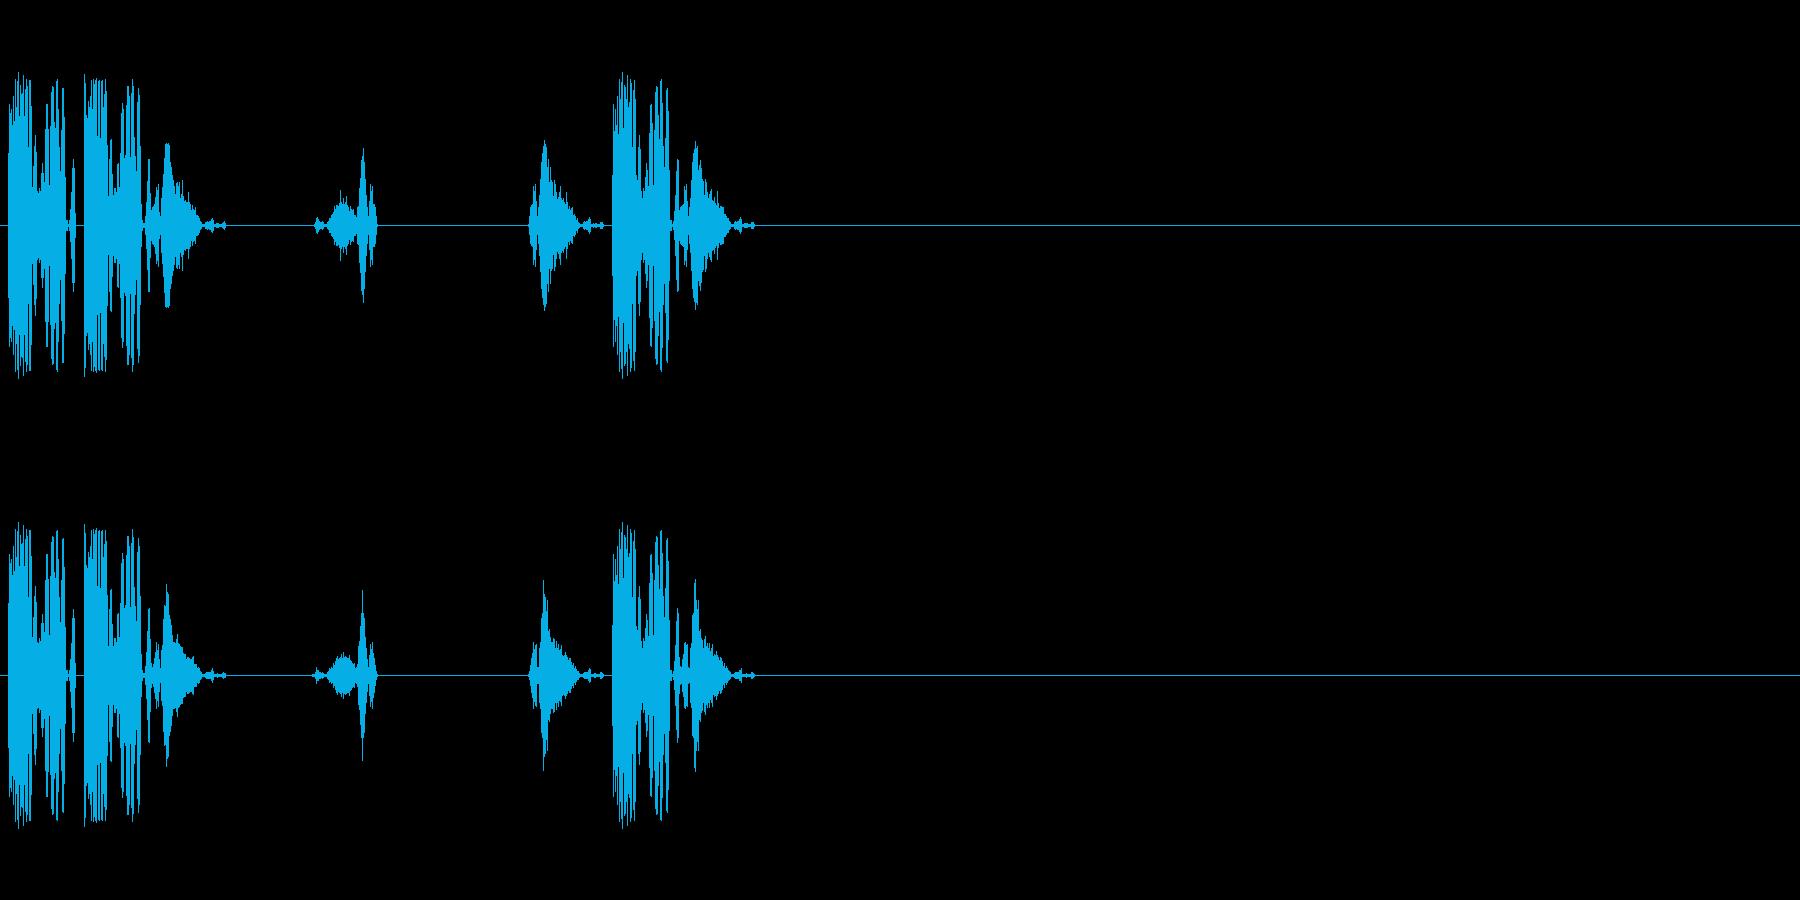 DJスクラッチ/ターンテーブル/E-04の再生済みの波形